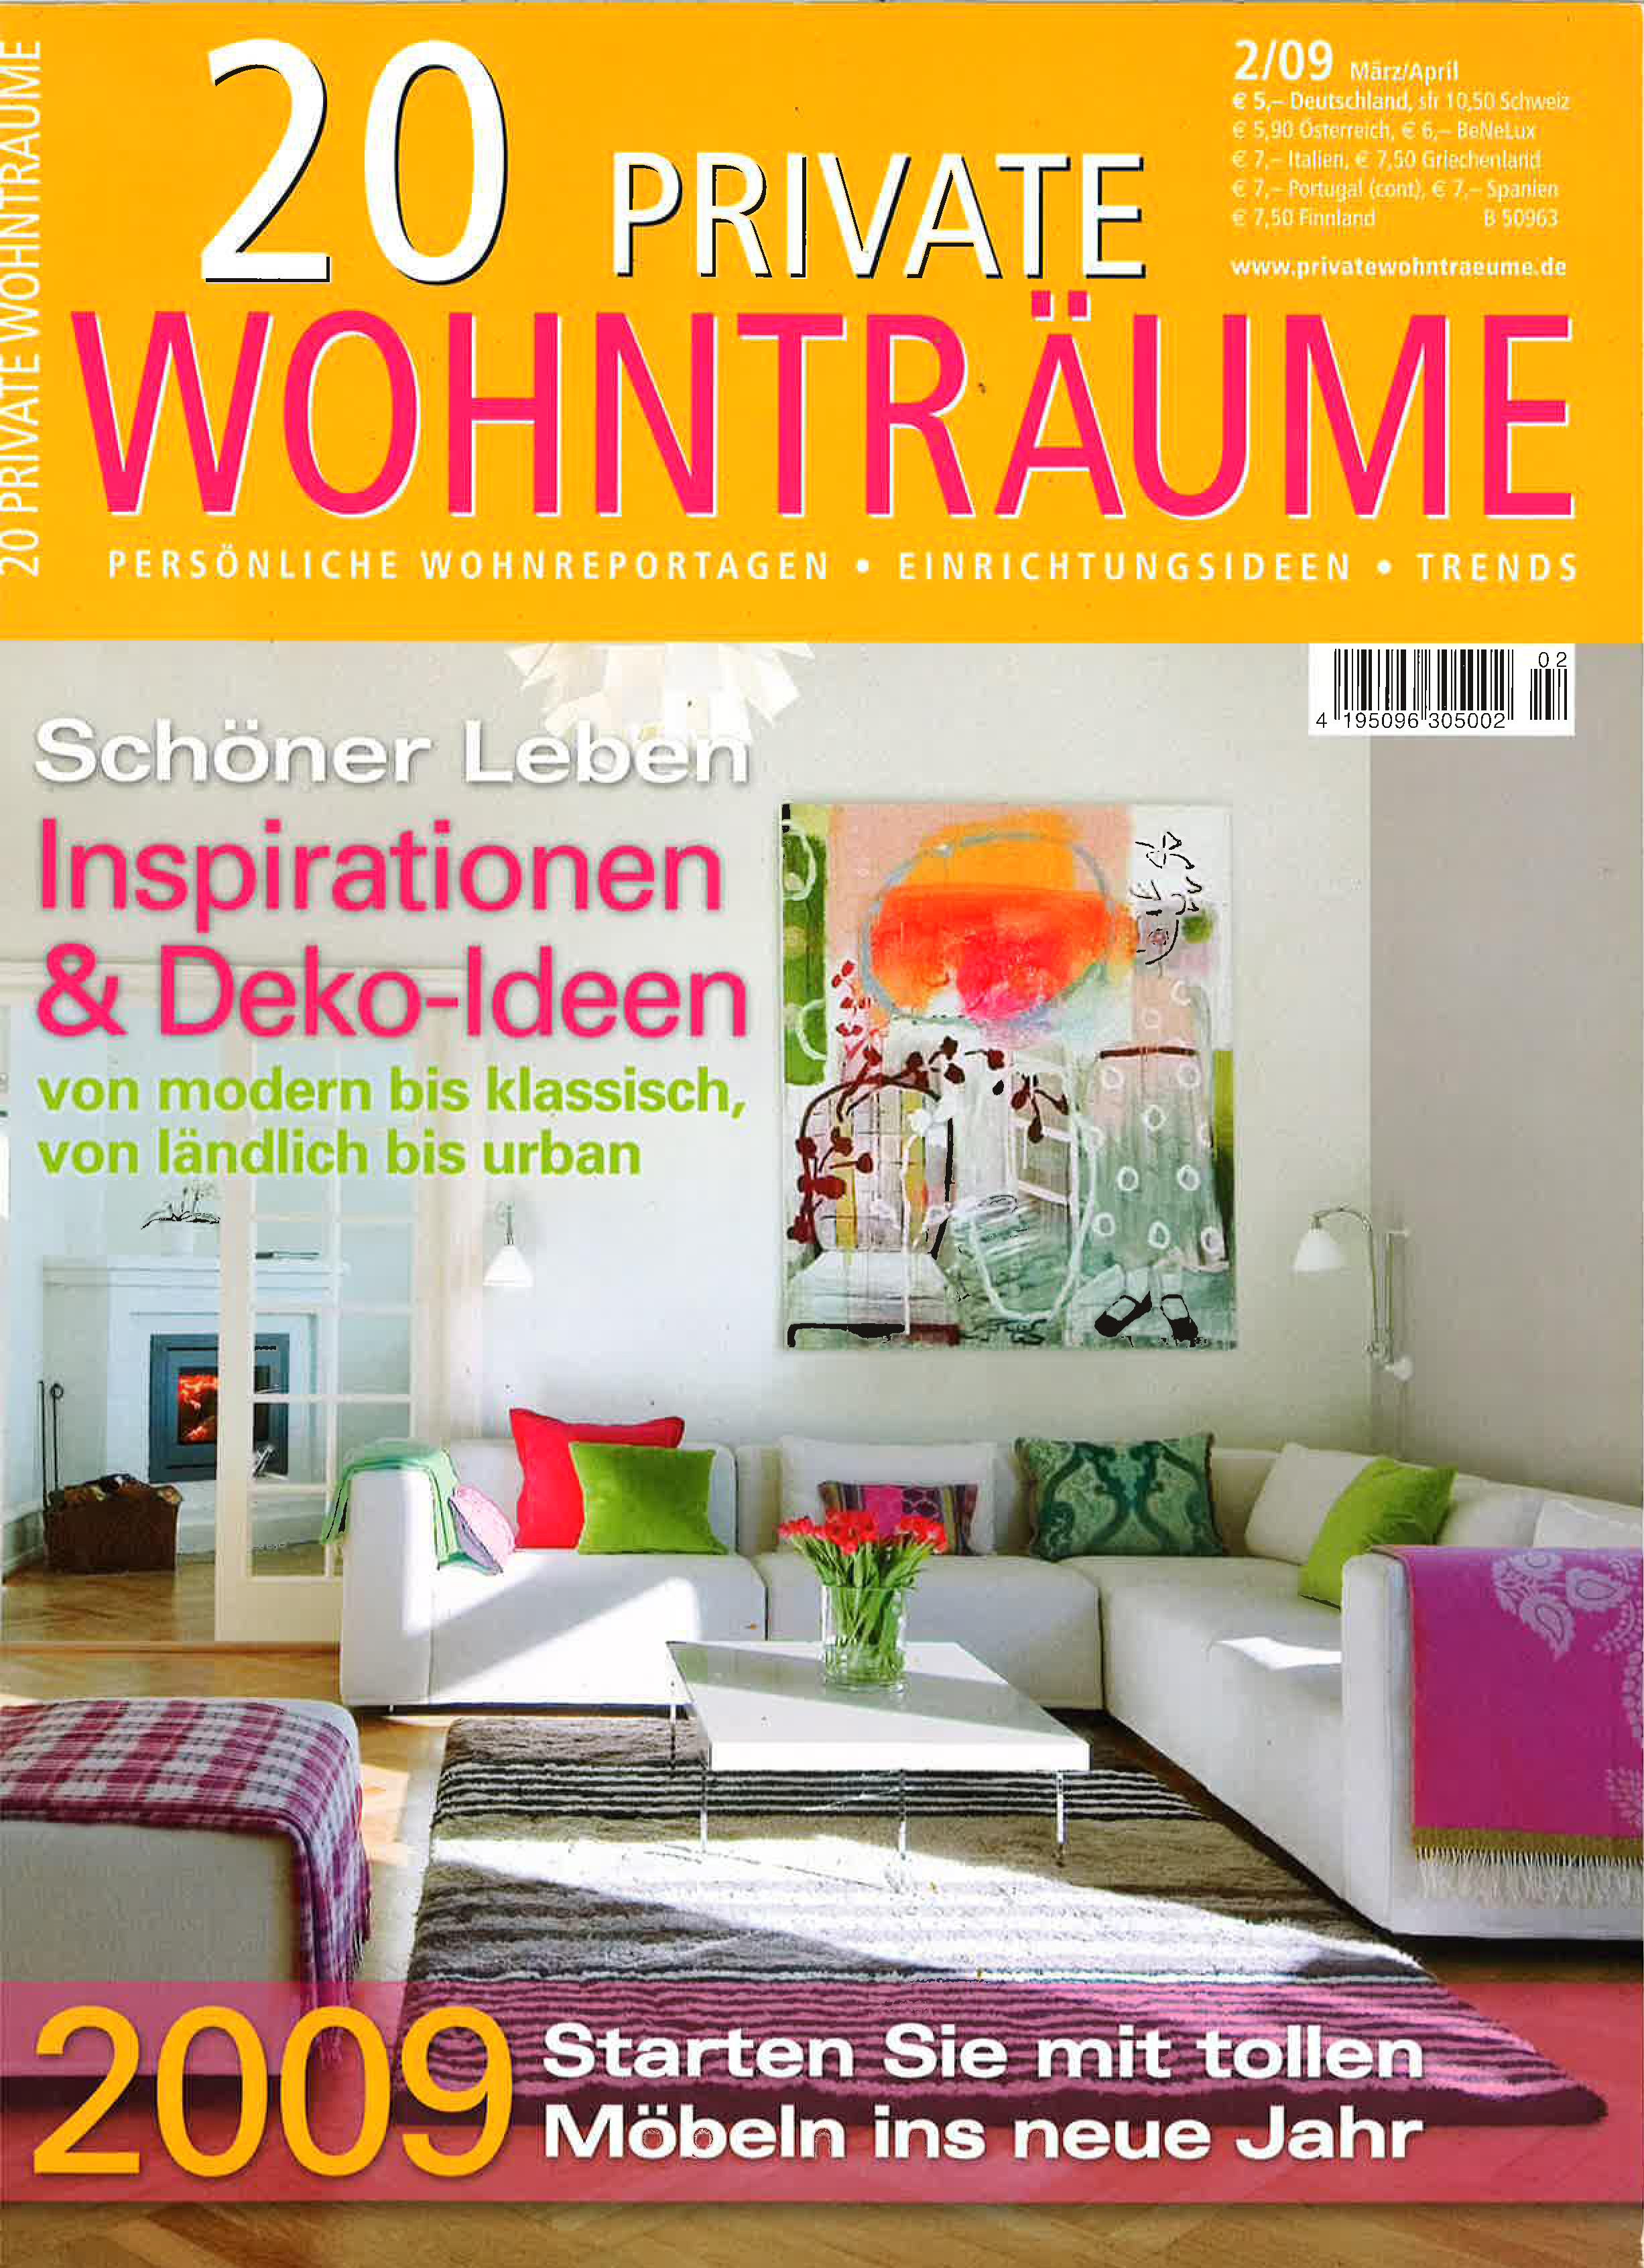 Hauserweiterung Geradstetten in Wohnträume 2009 - Egger Kolb Architekten